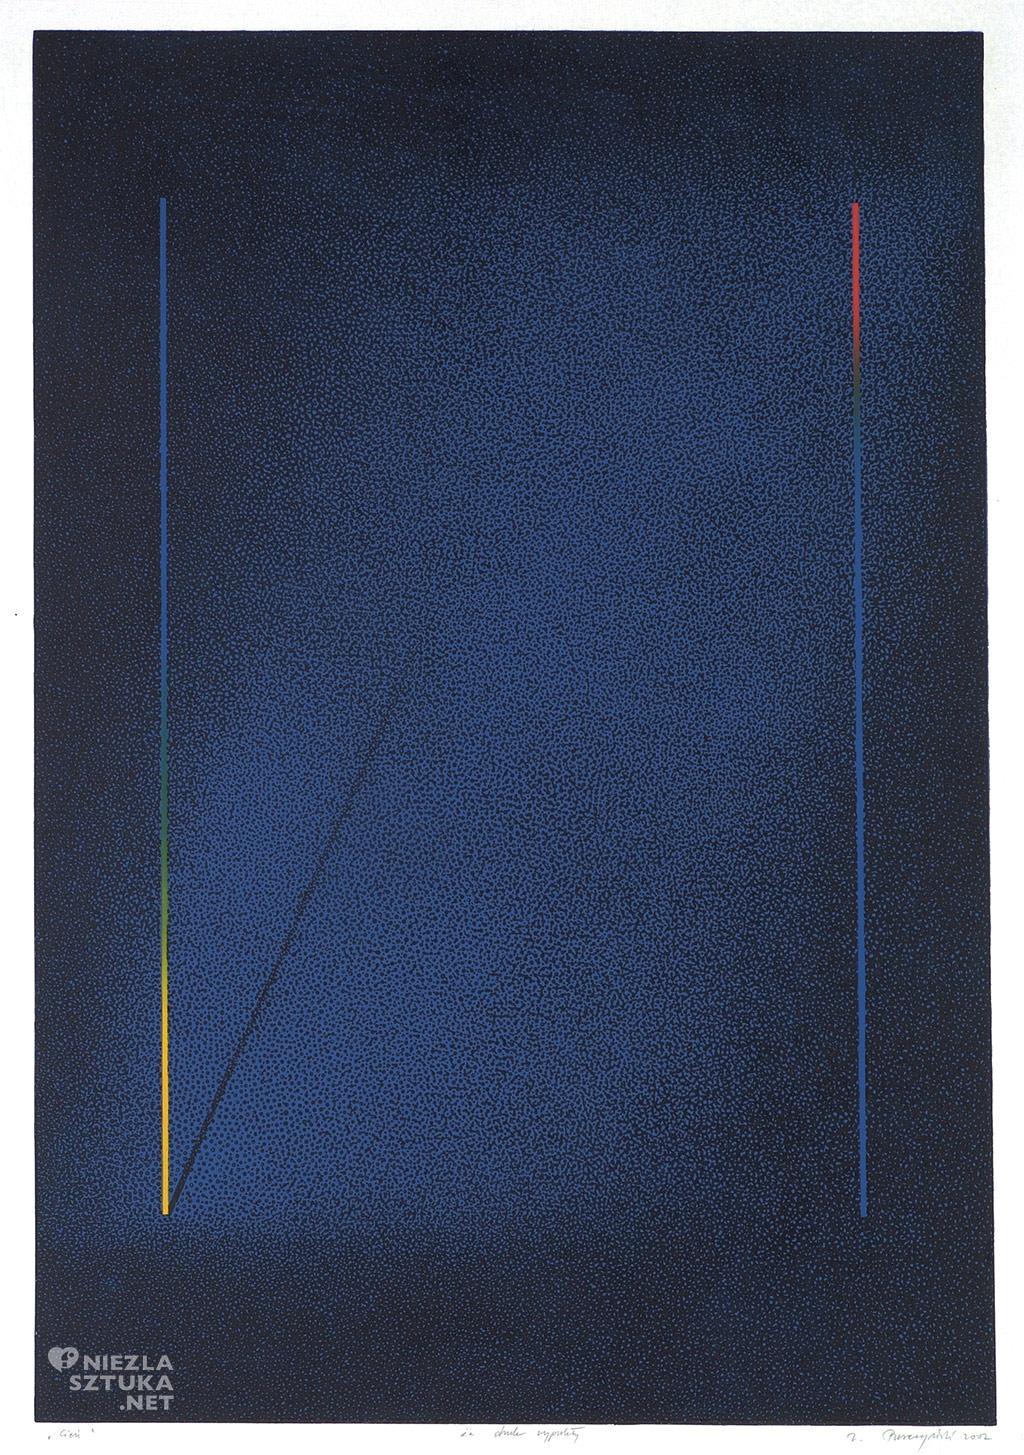 Zbigniew Purczyński Cień | 2002, druk wypukły kolor, 88 × 60